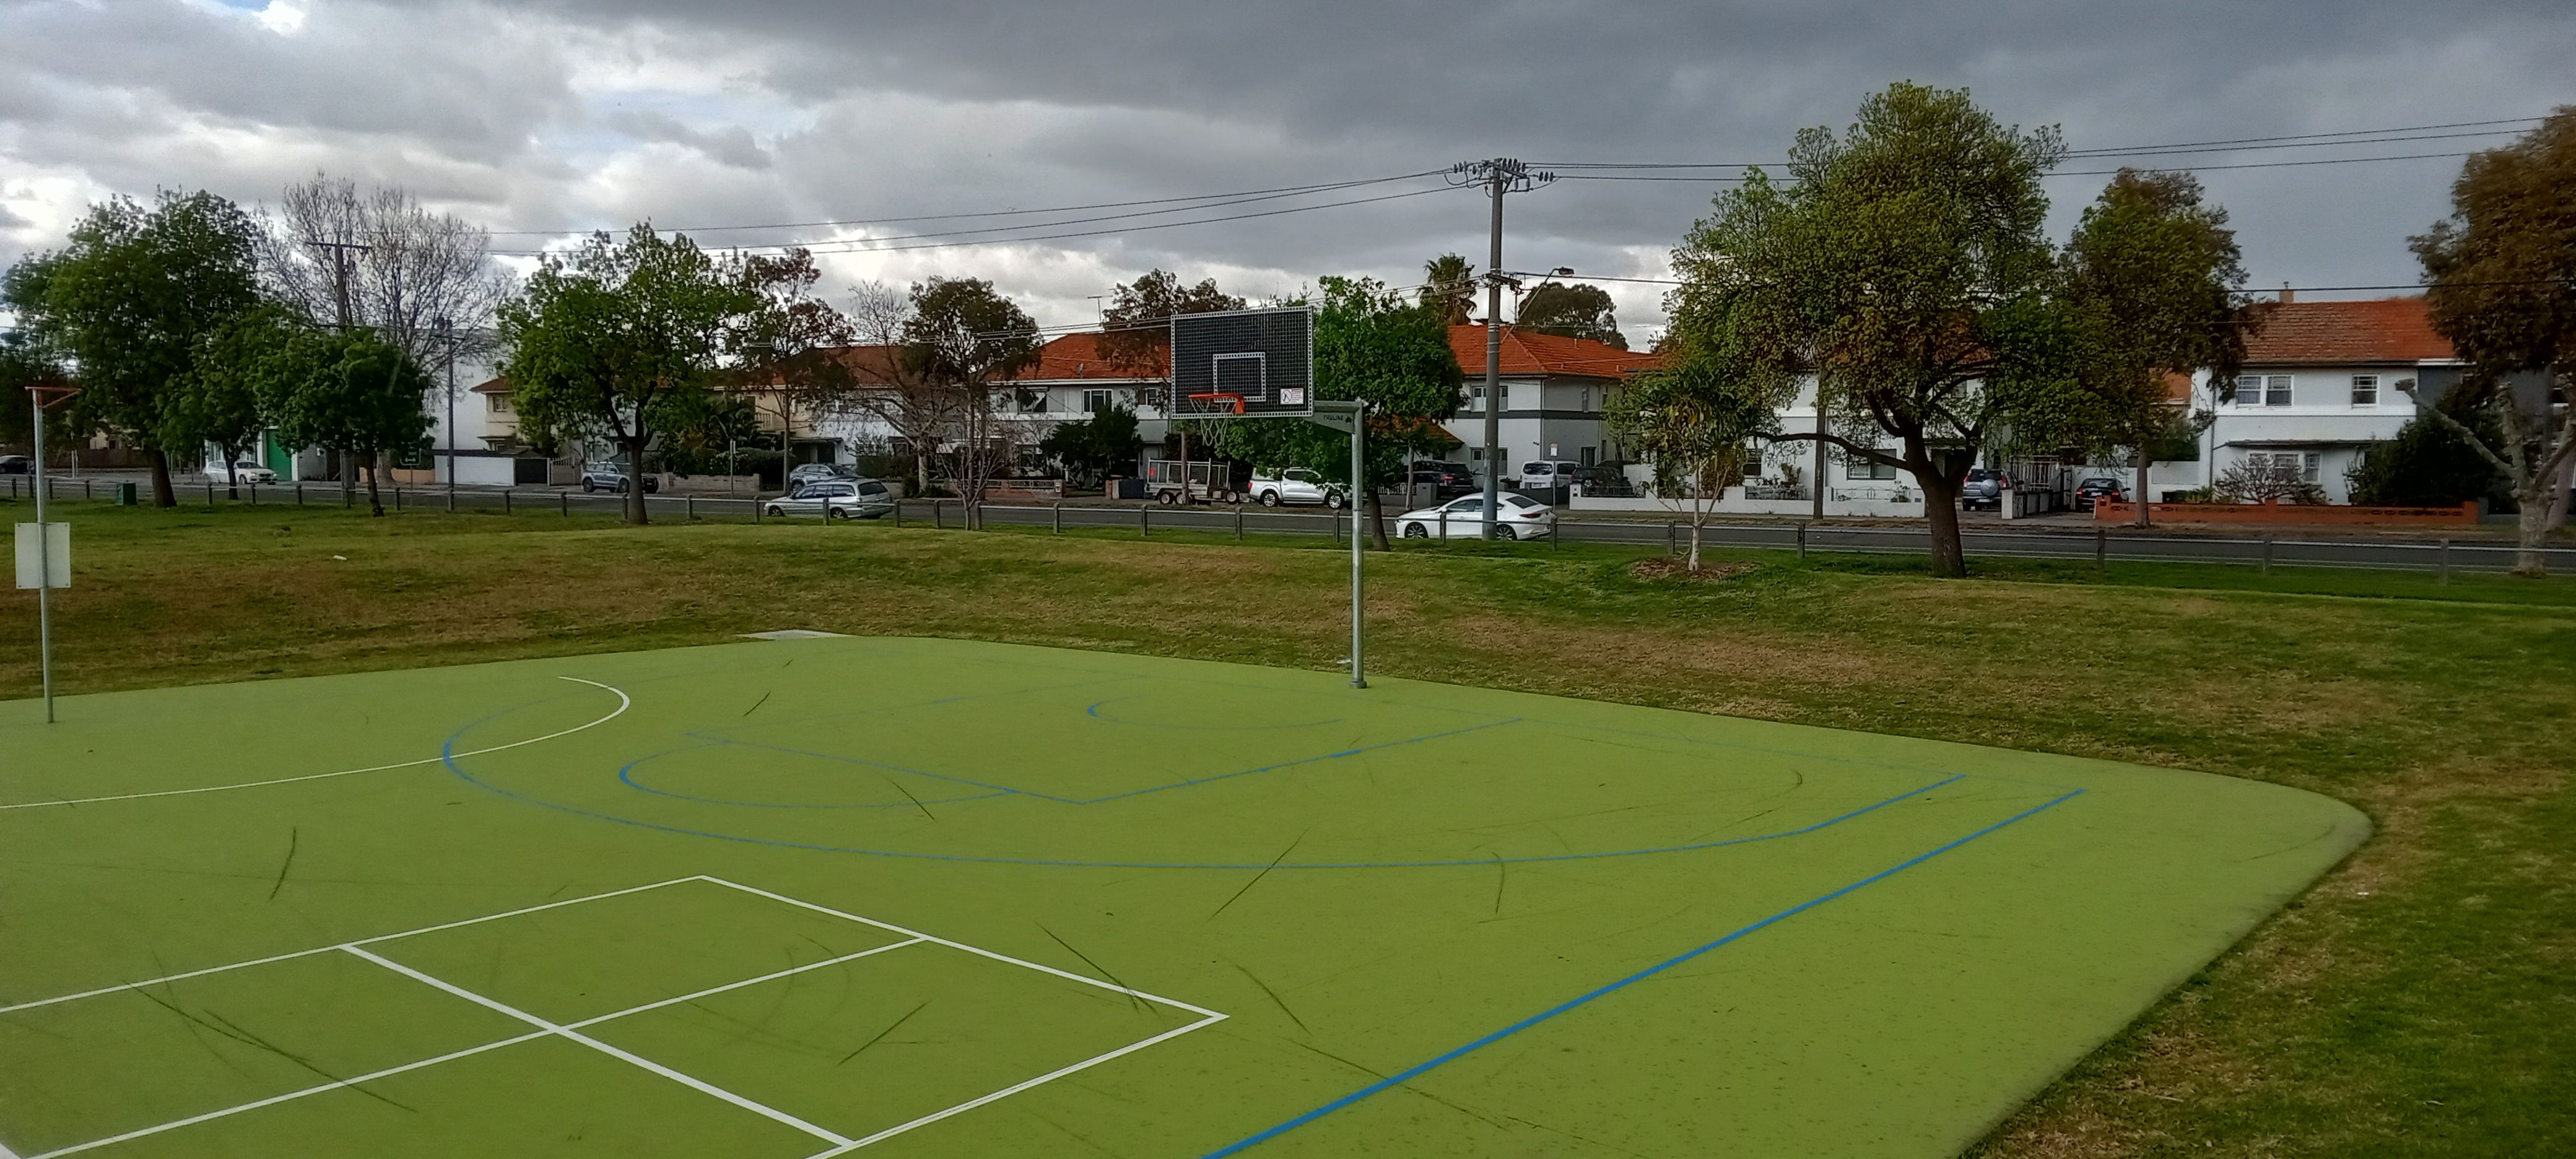 Outdoor basketball court 1